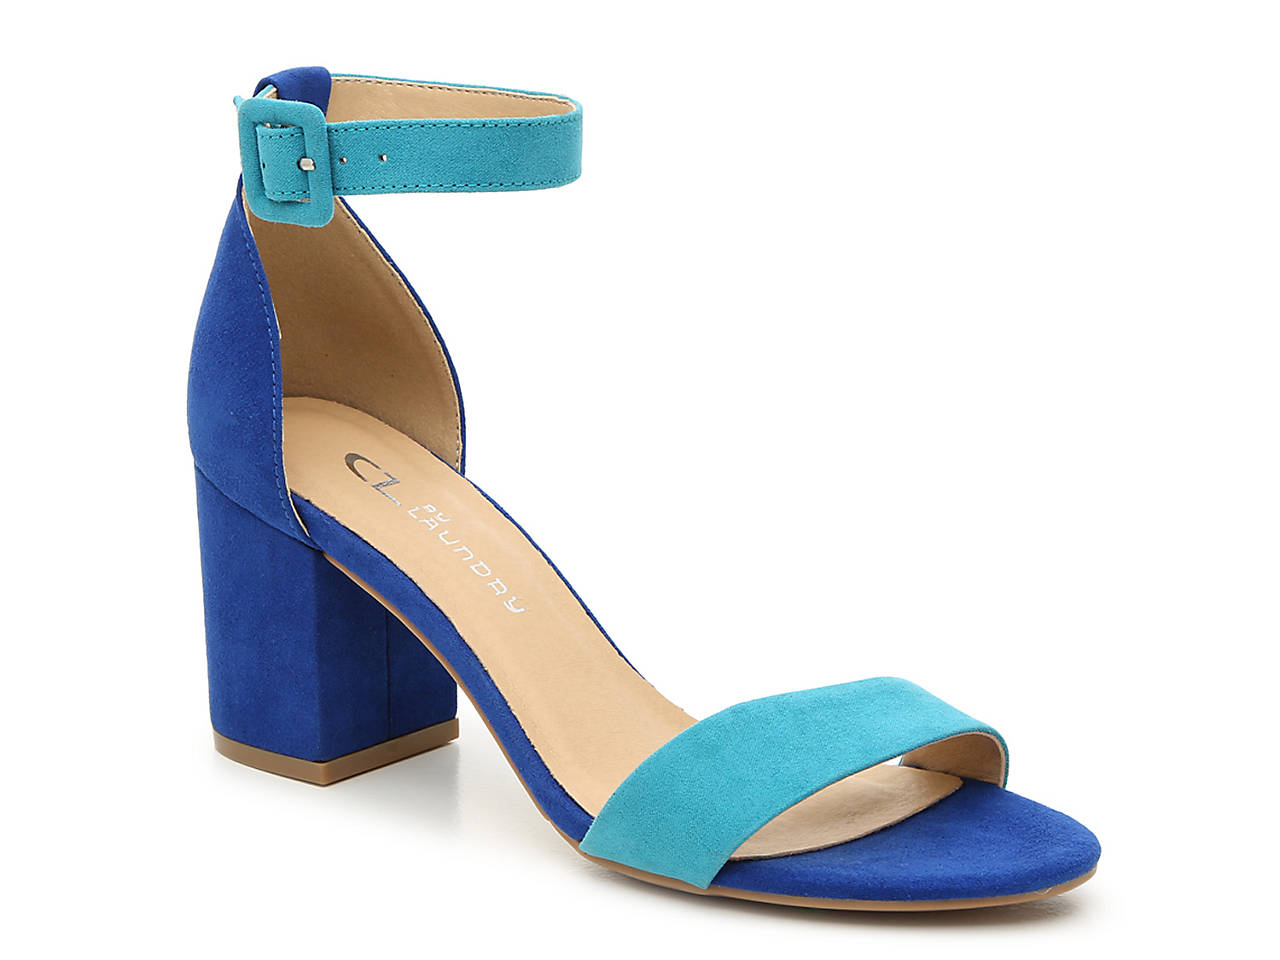 70fa5cca4de CL by Laundry Jody Sandal Women s Shoes